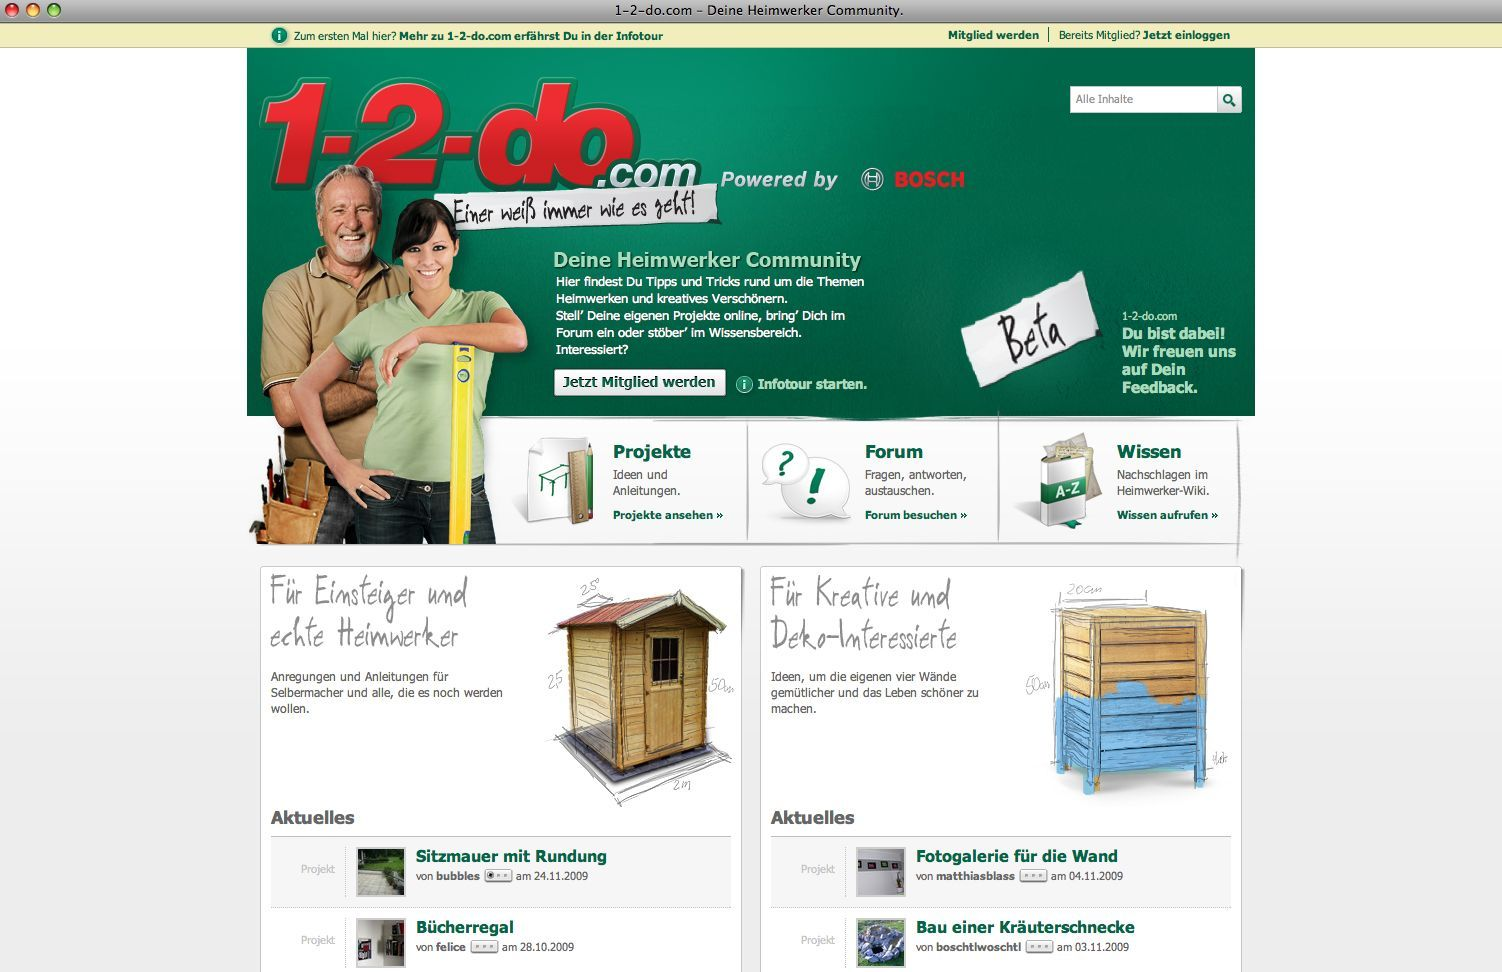 Screenshot 1-2-do.com / Bosch